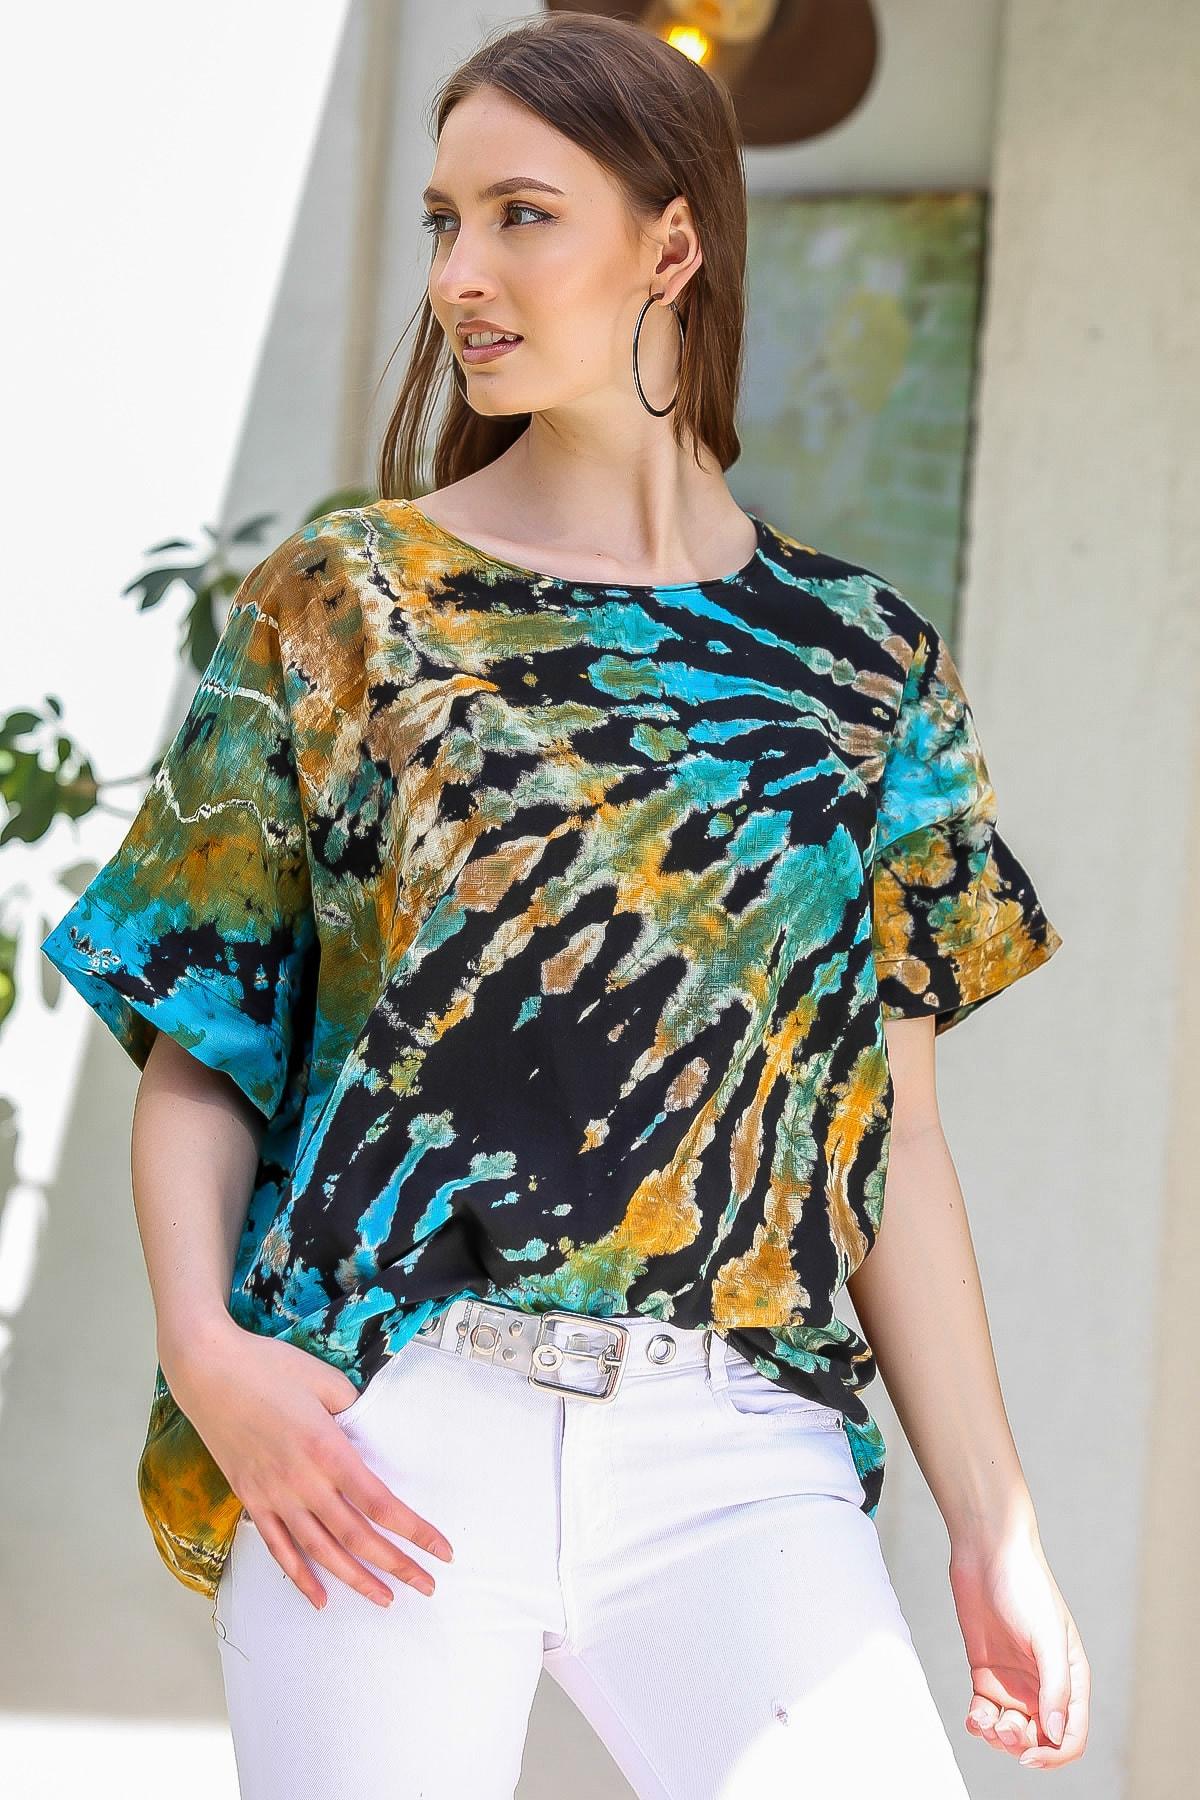 Chiccy Kadın Siyah-Mavi Sıfır Yaka Batik Desenli Dokuma Salaş Bluz M10010200BL95416 1